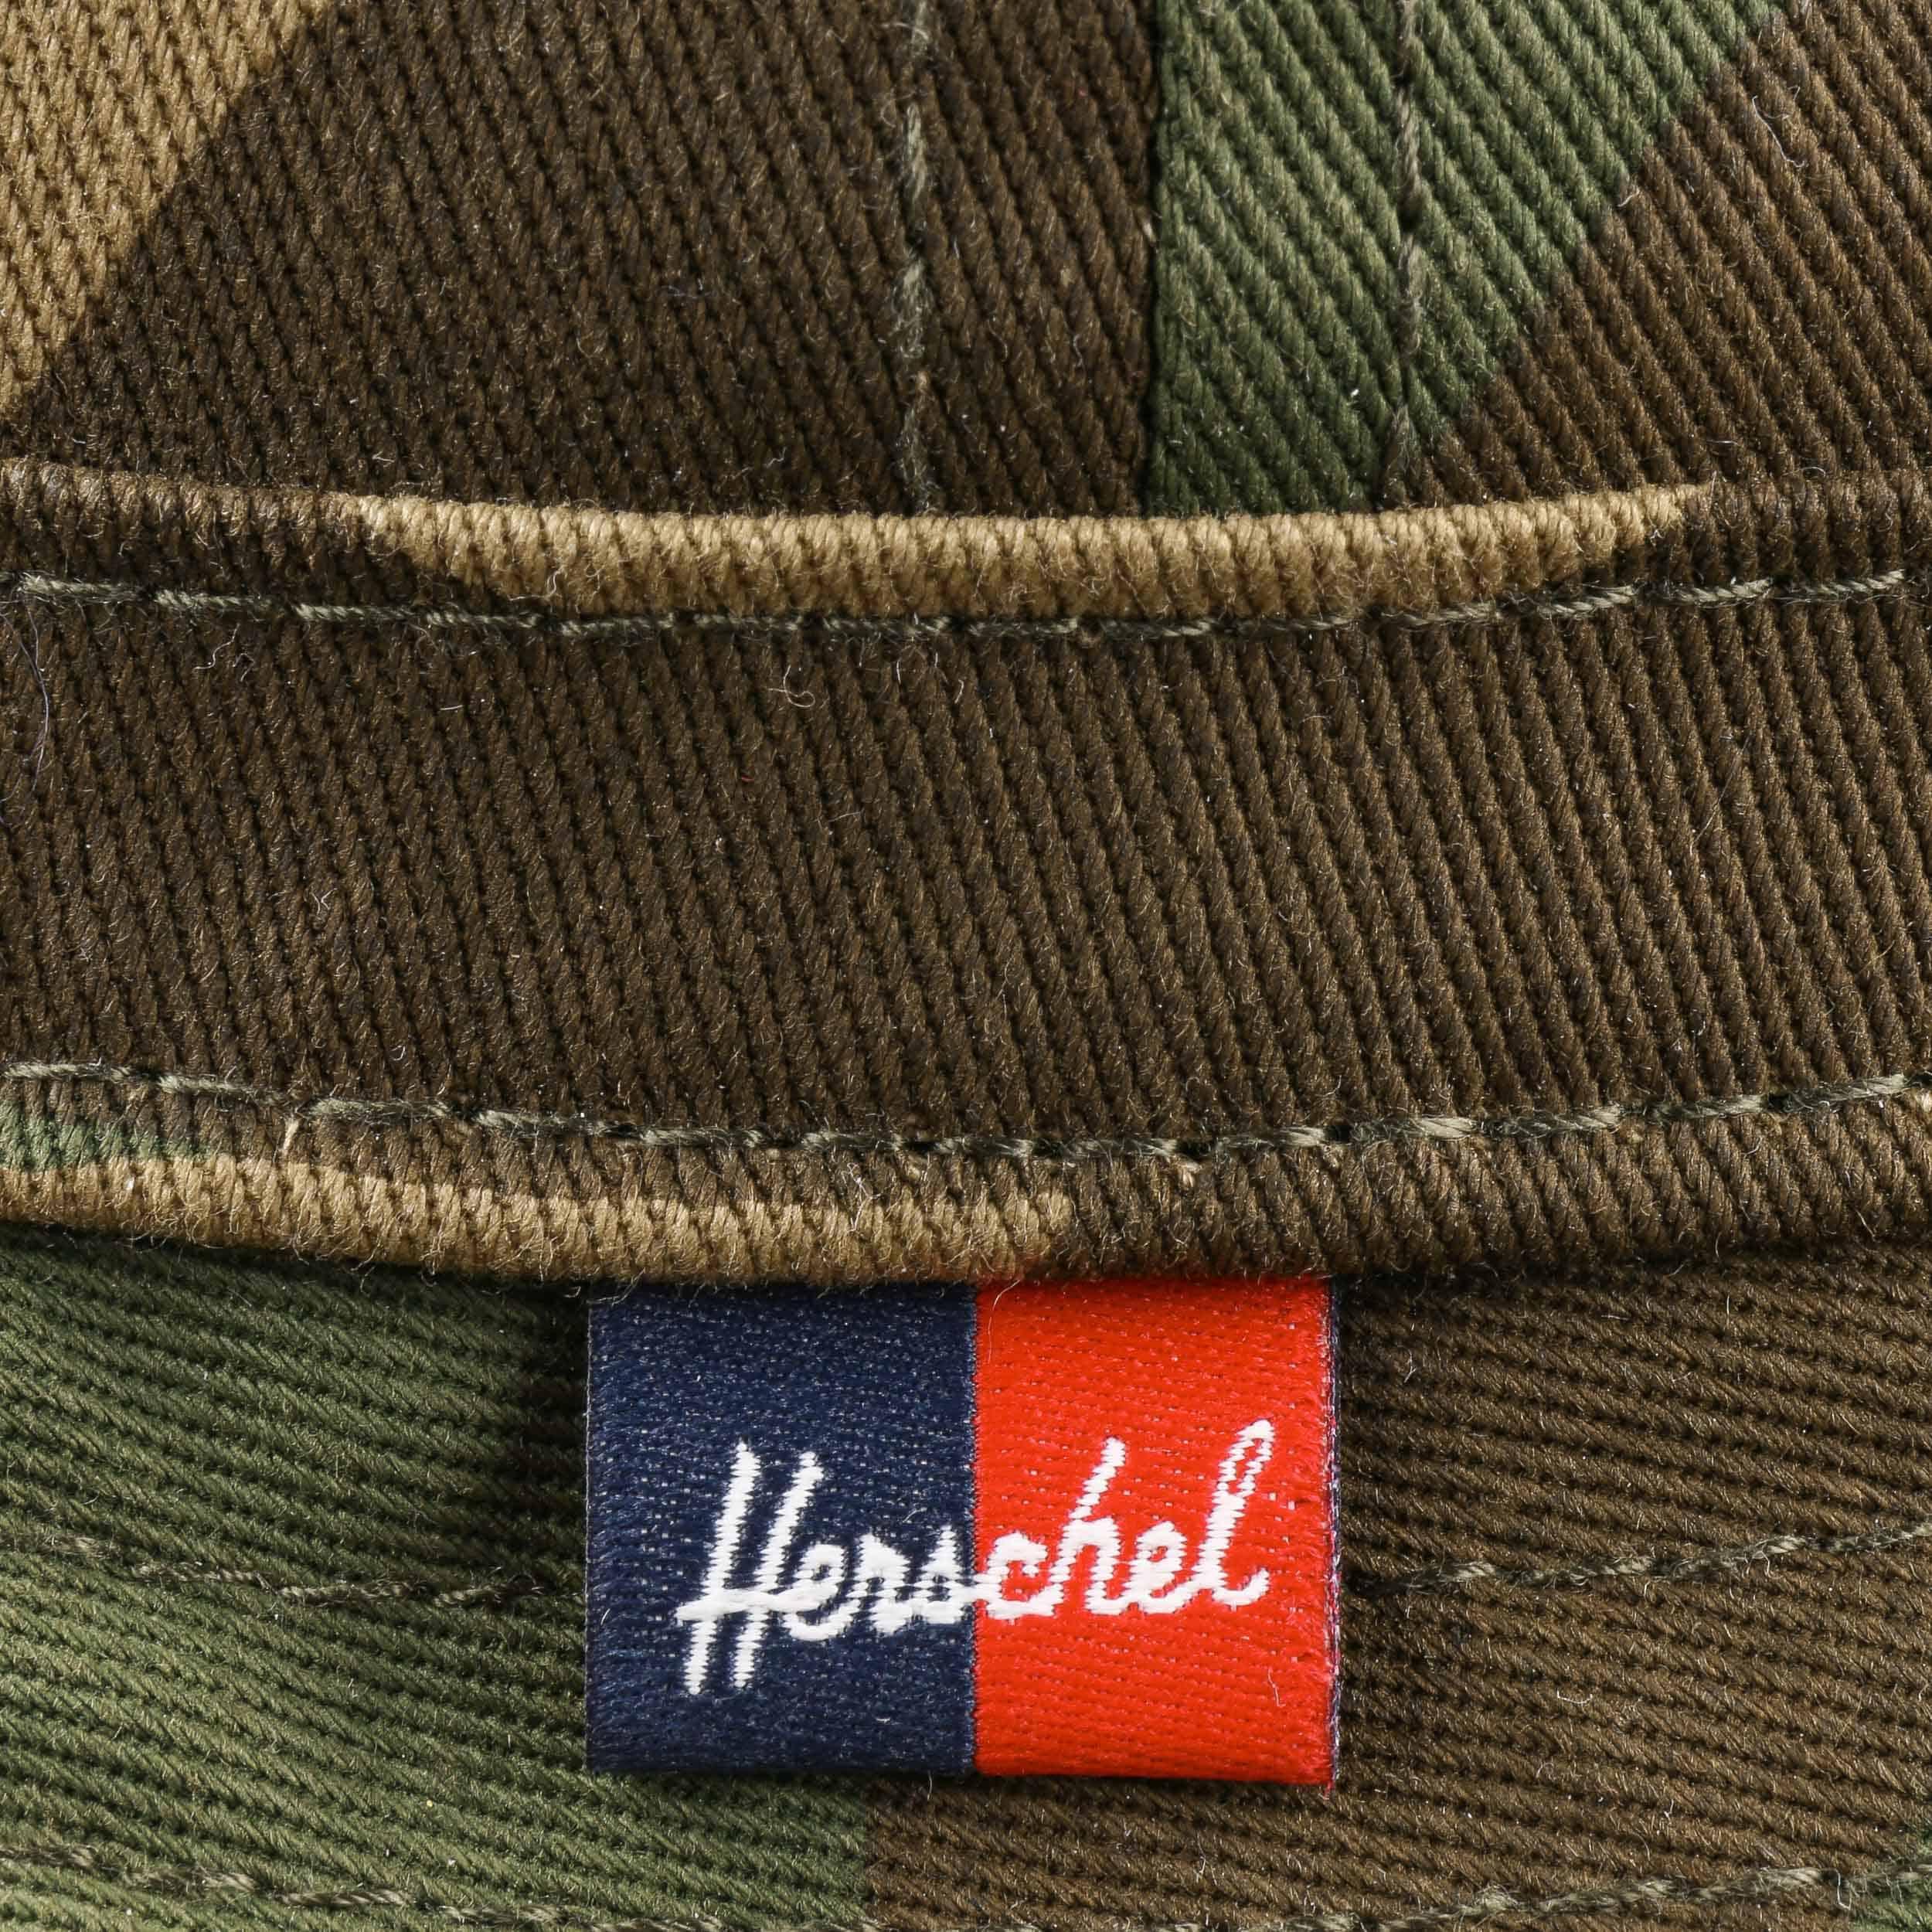 3aec92c35b70 ... Cooperman Pattern Bucket Hat by Herschel - camouflage 4 ...